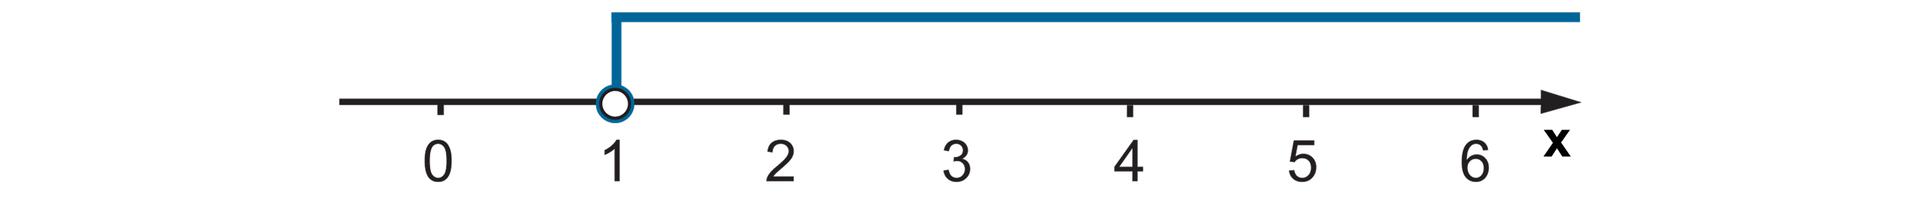 Rysunek osi liczbowej zzaznaczonymi punktami od 0 do 6. Niezamalowane kółko wpunkcie 0 izaznaczone wszystkie liczby wprawo od 0.